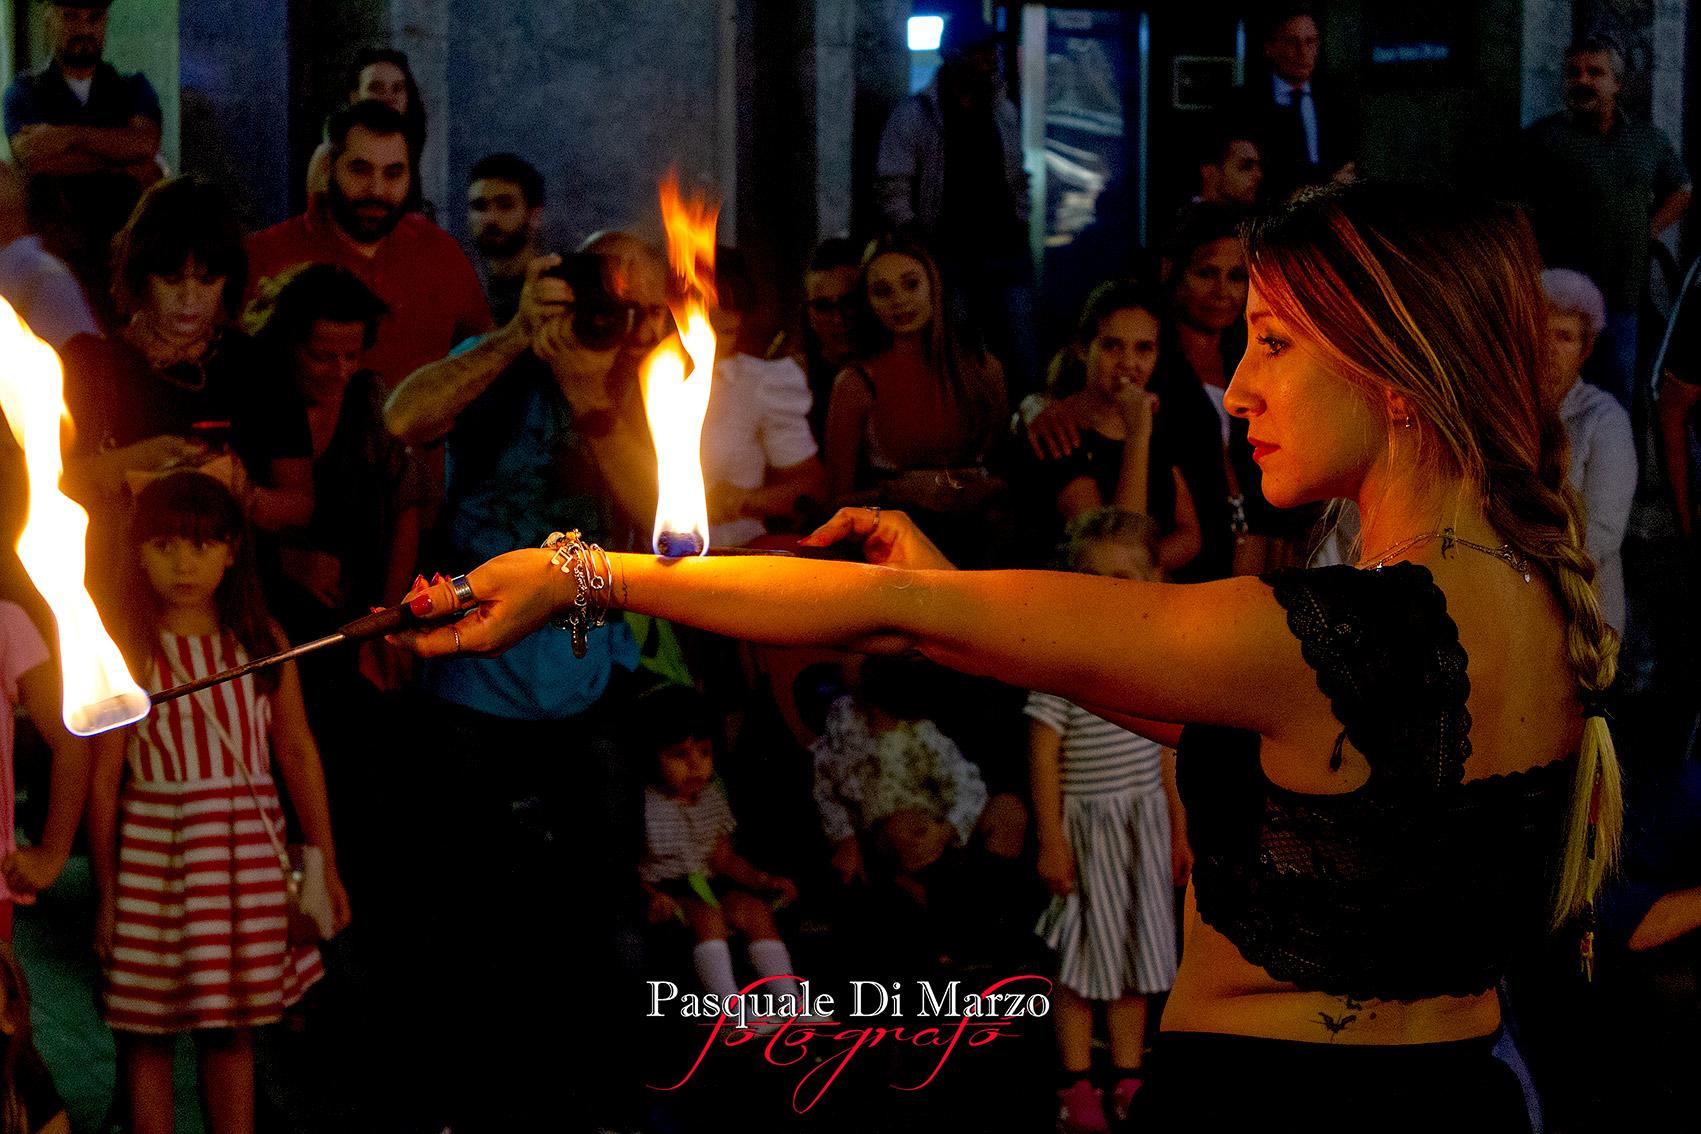 IMG 6977 A NAPOLI IN VIA TOLEDO LA SECONDA EDIZIONE DEL NAPOLI BUSKERS FESTIVAL, LA FOTOGALLERY